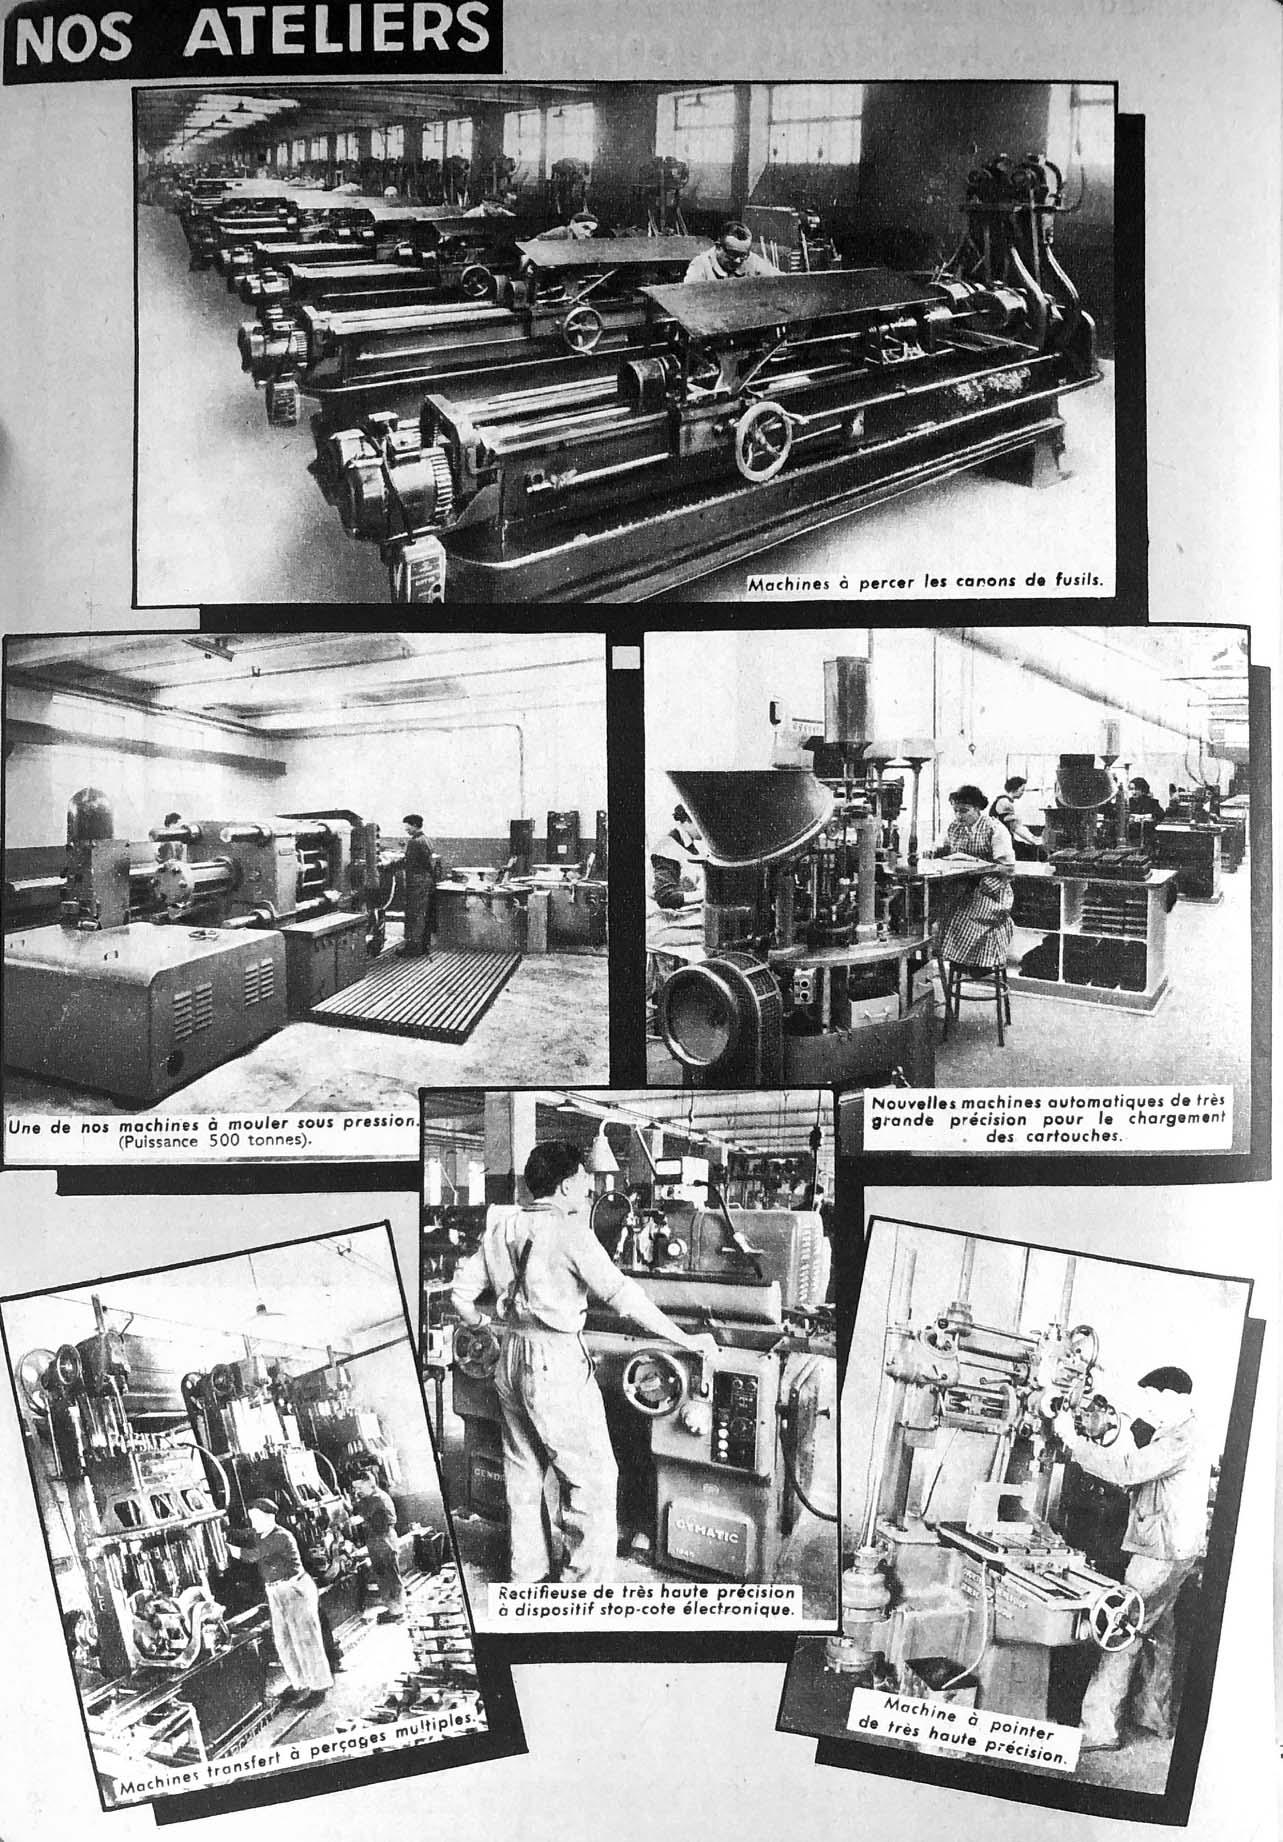 Les ateliers Manufrance